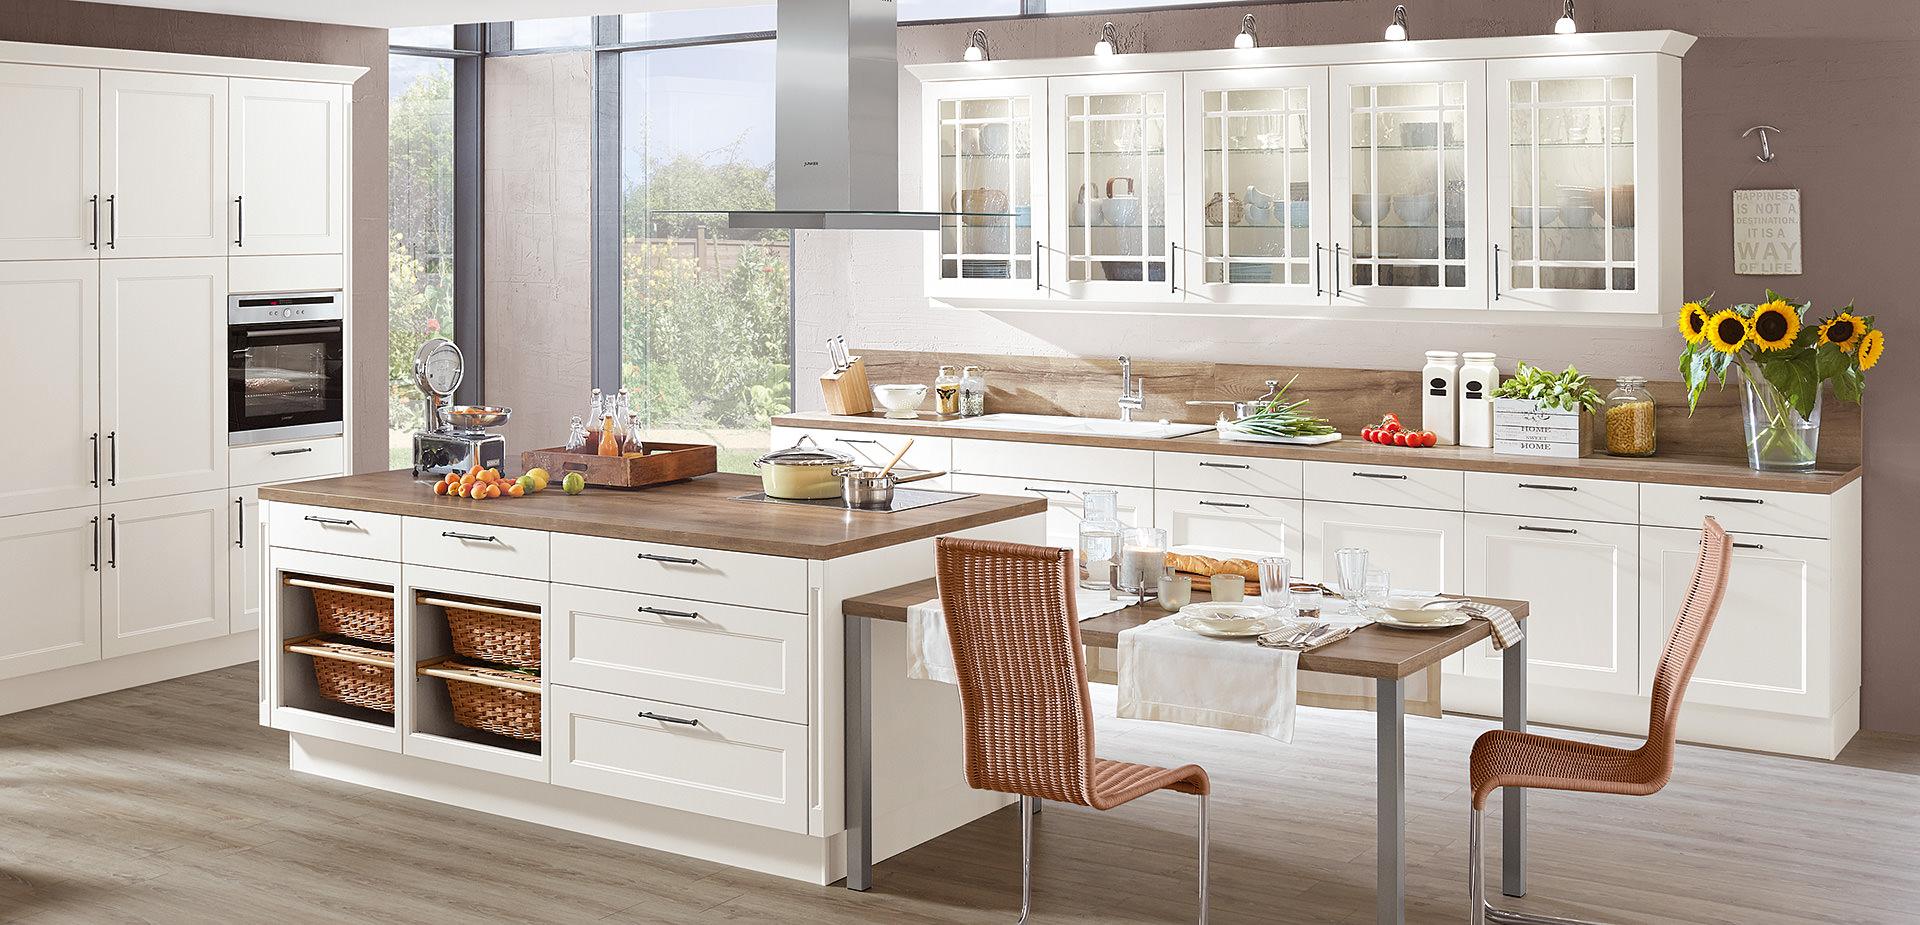 Full Size of Was Kostet Eine Küche Mit Insel Dunkle Küche Mit Insel Küche Mit Insel Günstig Design Küche Mit Insel Küche Küche Mit Insel